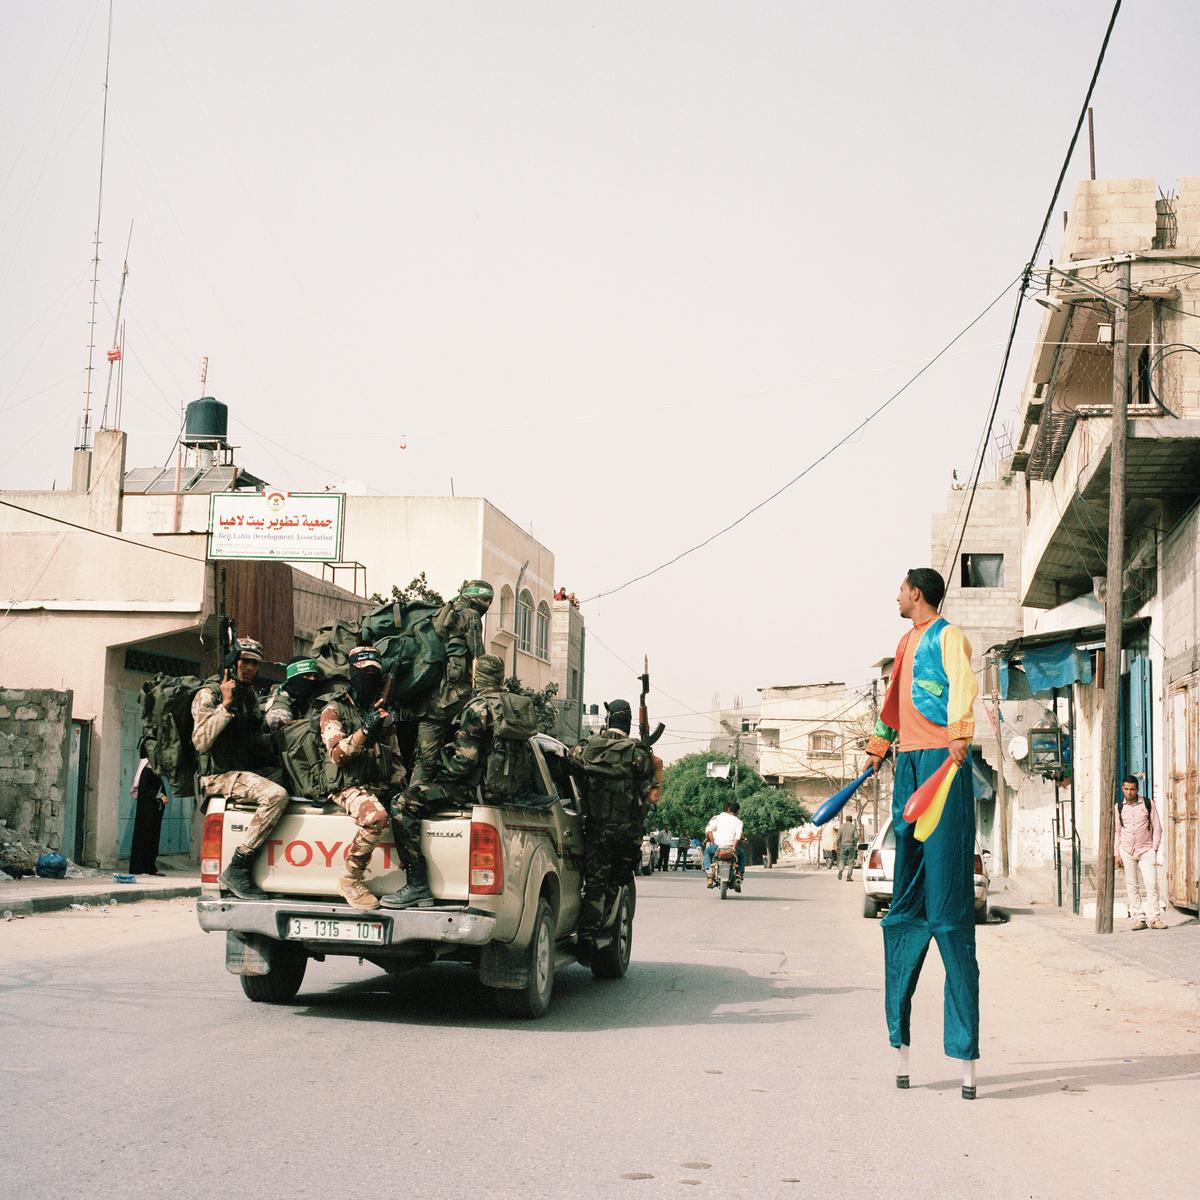 """Das Thema """"Frieden"""" fotografisch sehr unterschiedlich interpretiert"""